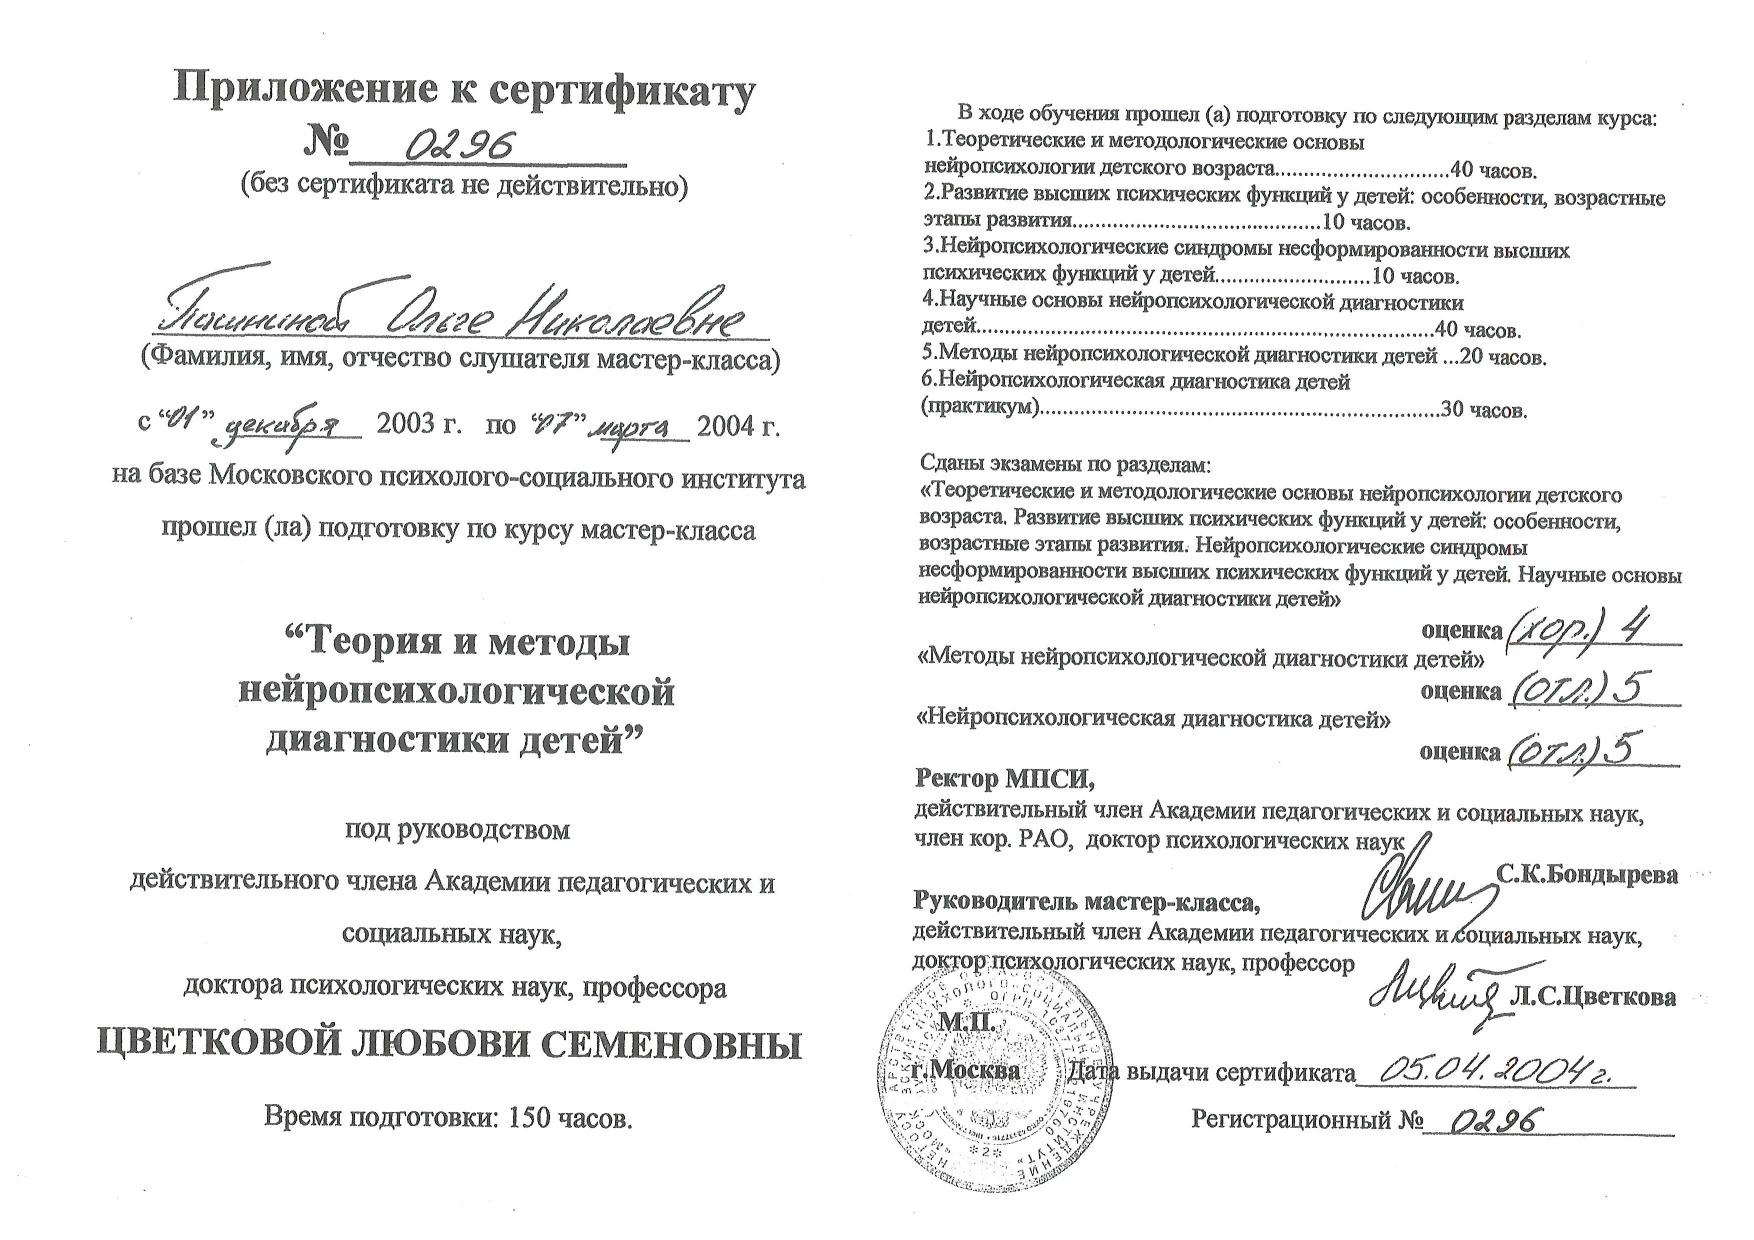 2004 Приложение к сертификату Нейродиагностика